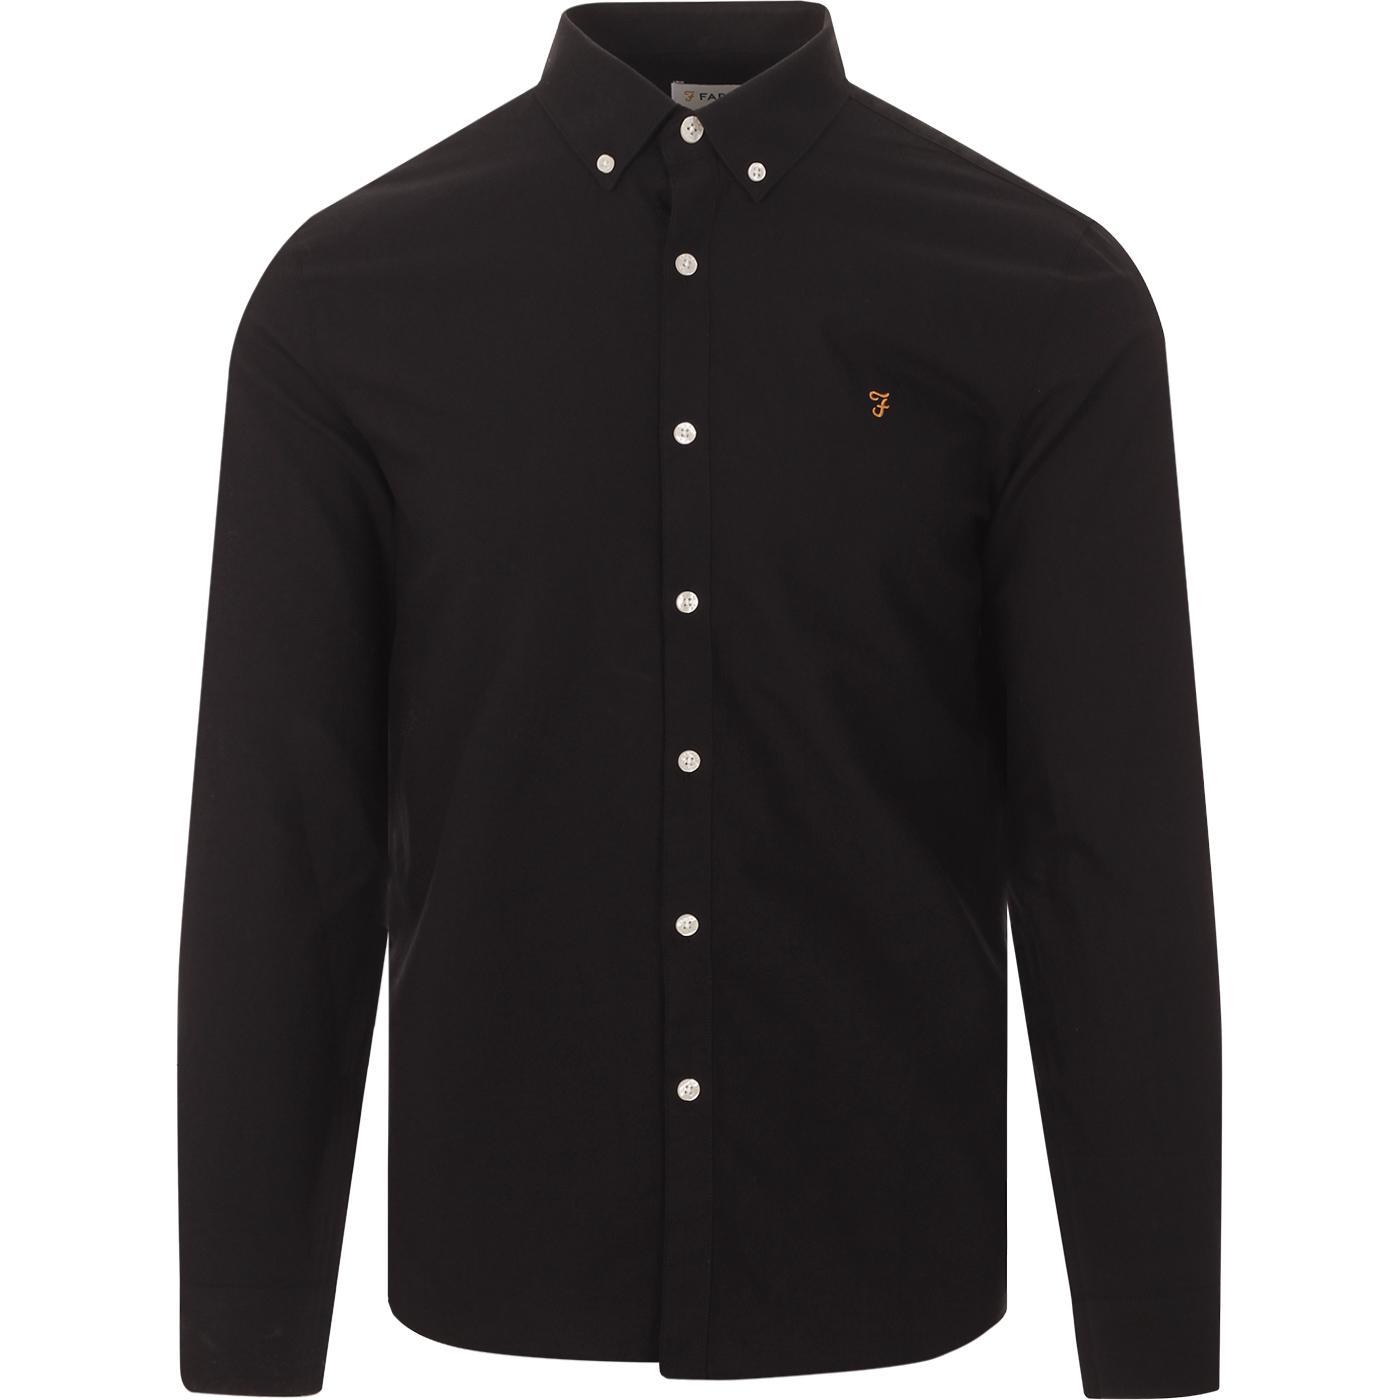 Brewer FARAH Slim Button Down Oxford Shirt (Black)